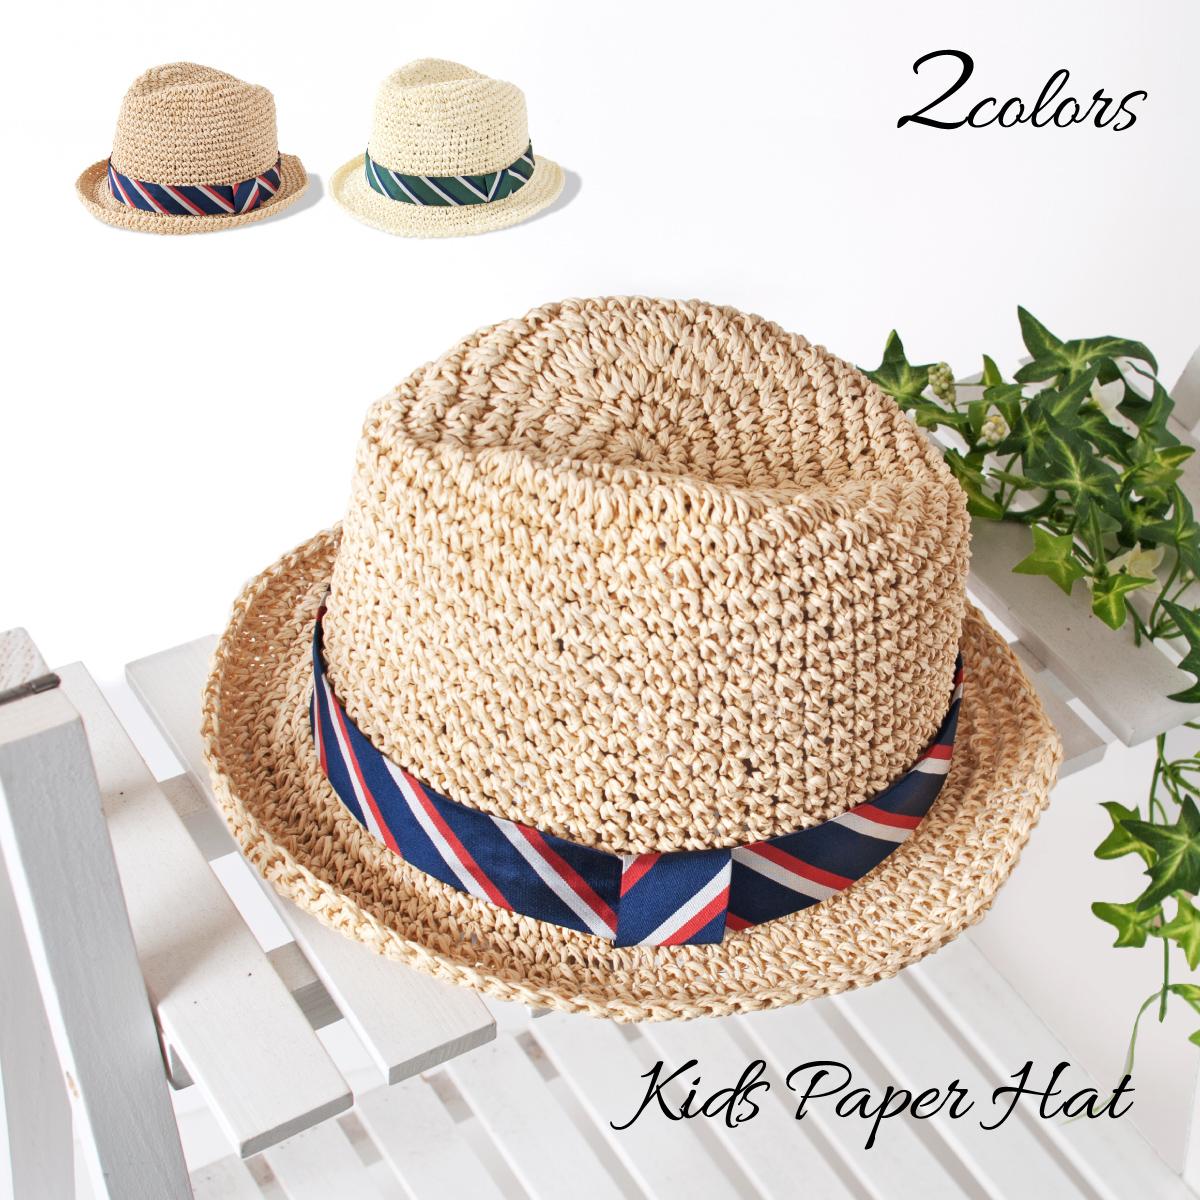 帽子 KIDS 子供 折りたたみ 売り込み 麦わら帽子 ペーパー素材 中折れ帽子帽子 キッズ マーケット 春夏帽子 ストライプリボンキッズペーパーハット